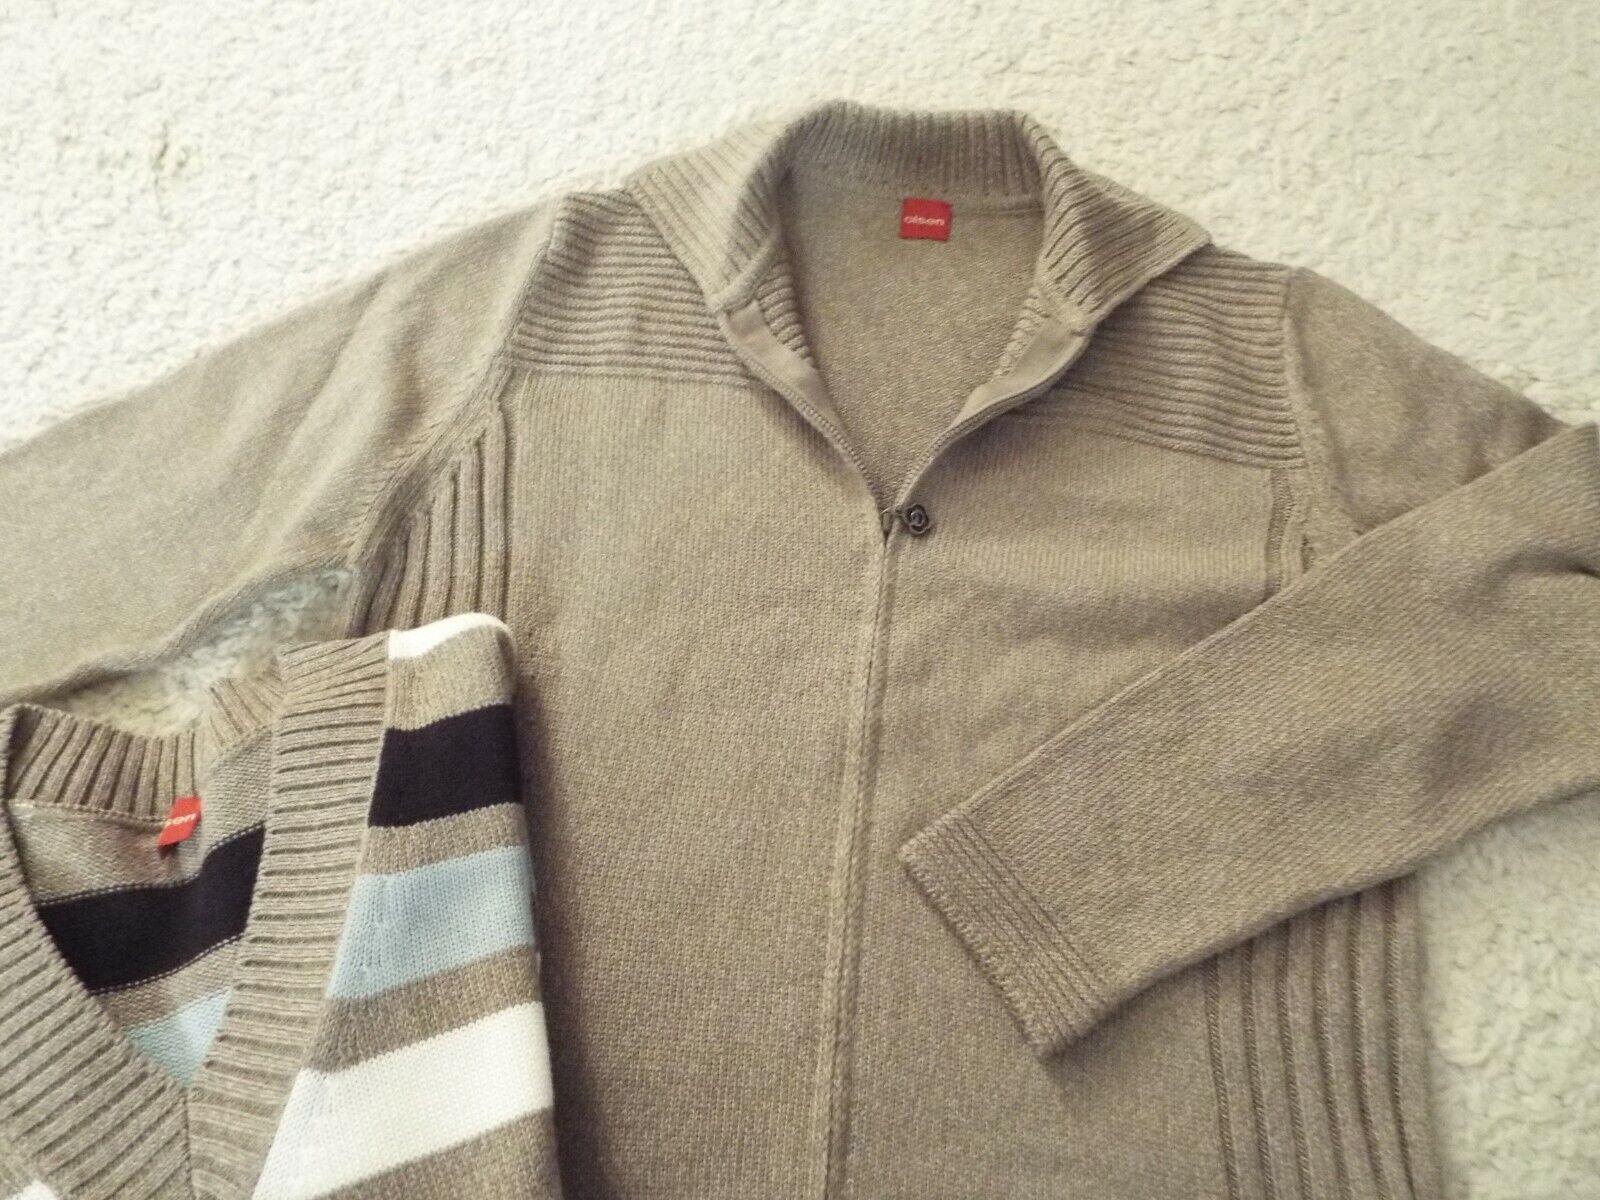 Pulli Pullover & Strickjacke von Olsen Neu 44 Baumwolle/Polyacryl Beige 2 Teile